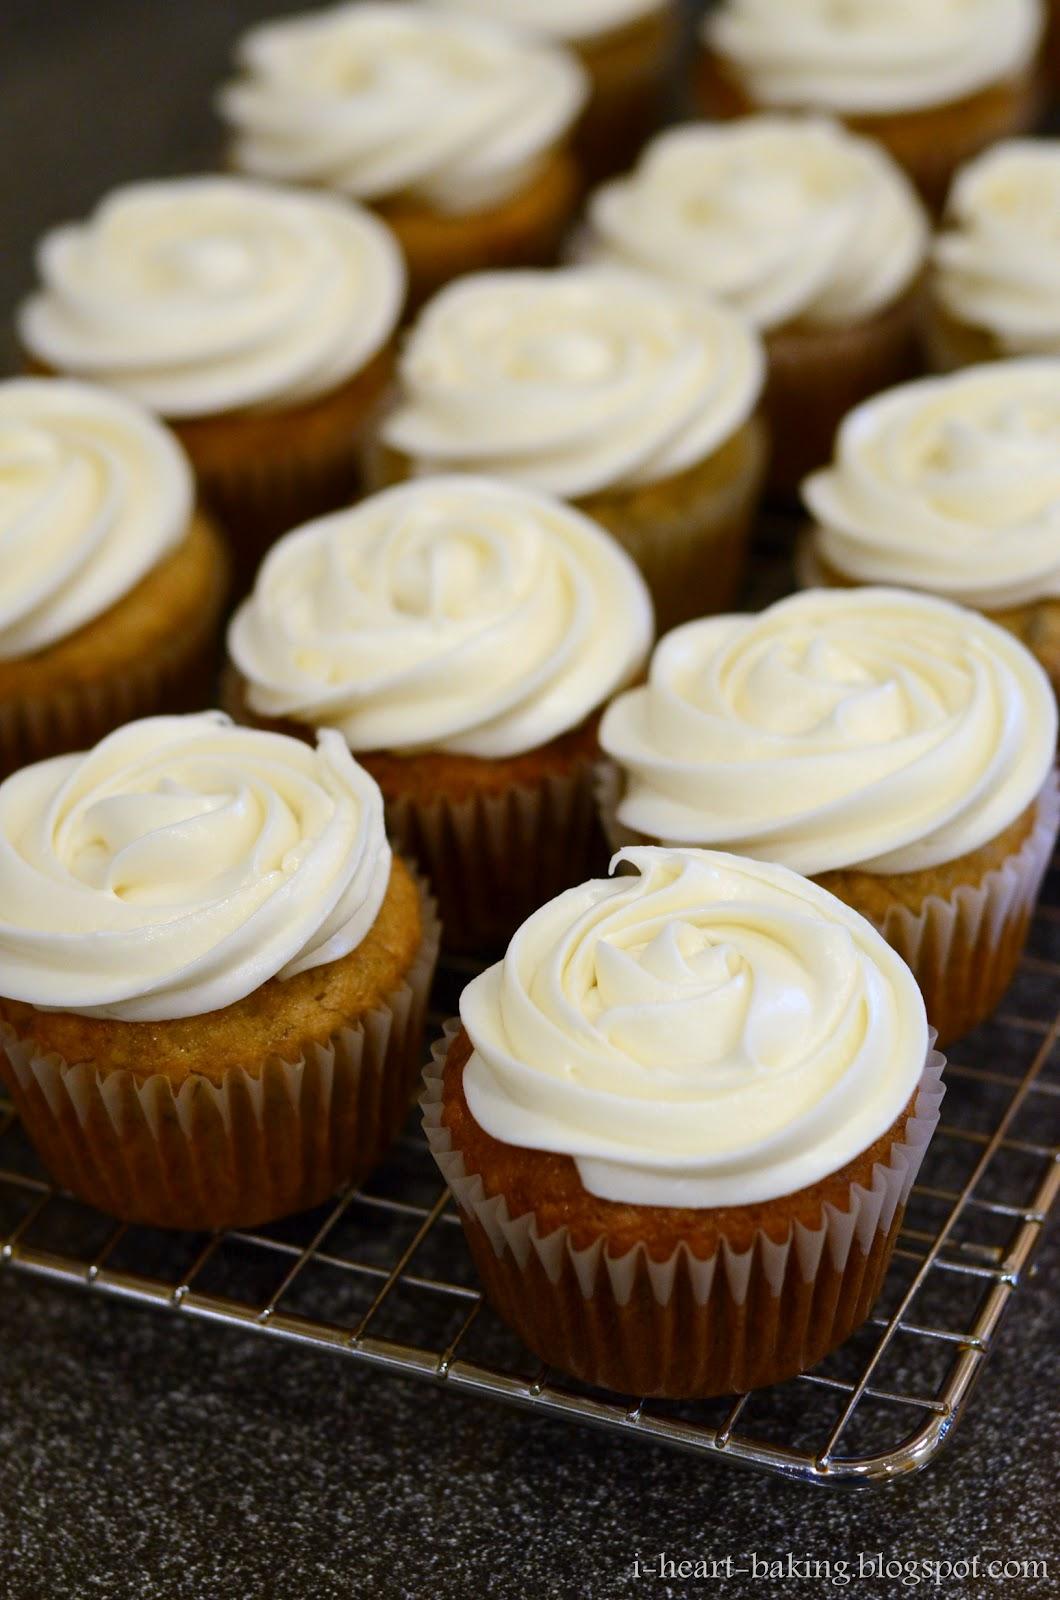 i heart baking!: May 2012